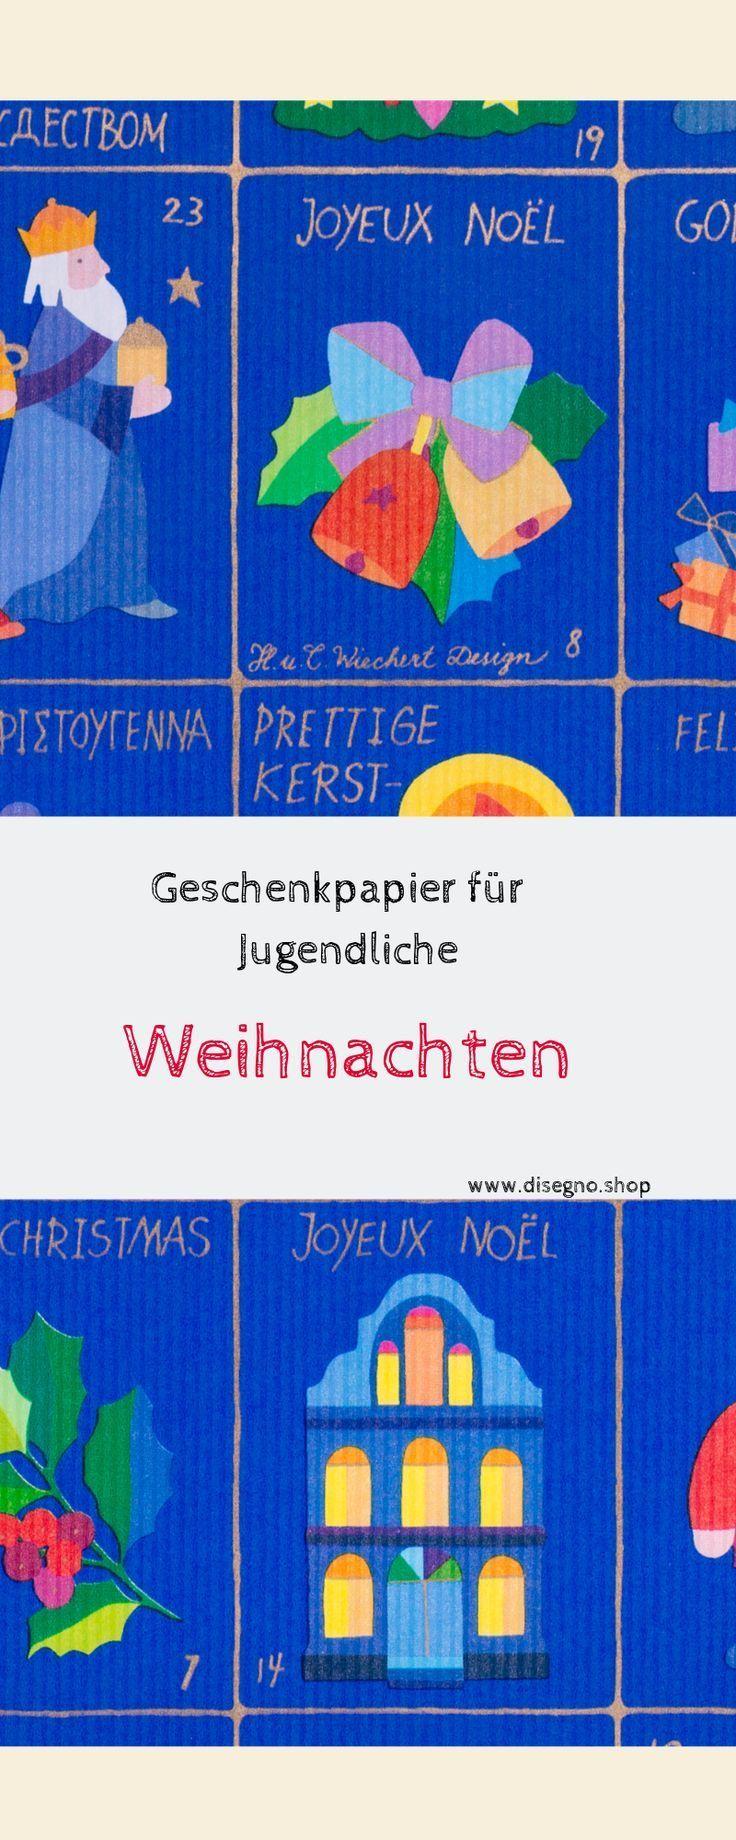 Das Geschenkpapier WEIHNACHTSZEIT – im Stil eines Adventskalenders gestaltet – e …